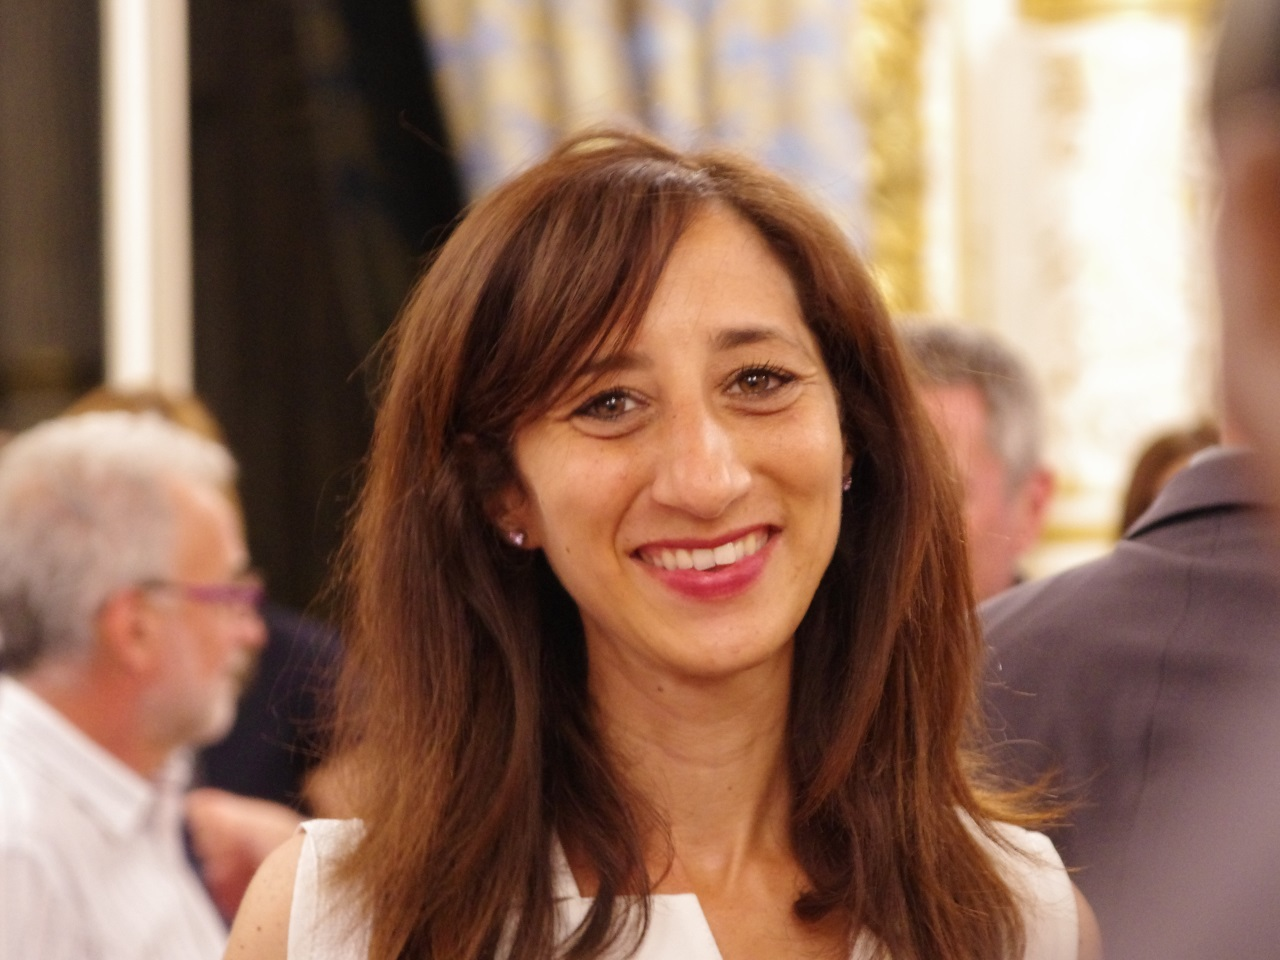 Législatives : la victoire d'une députée REM contestée dans le Rhône